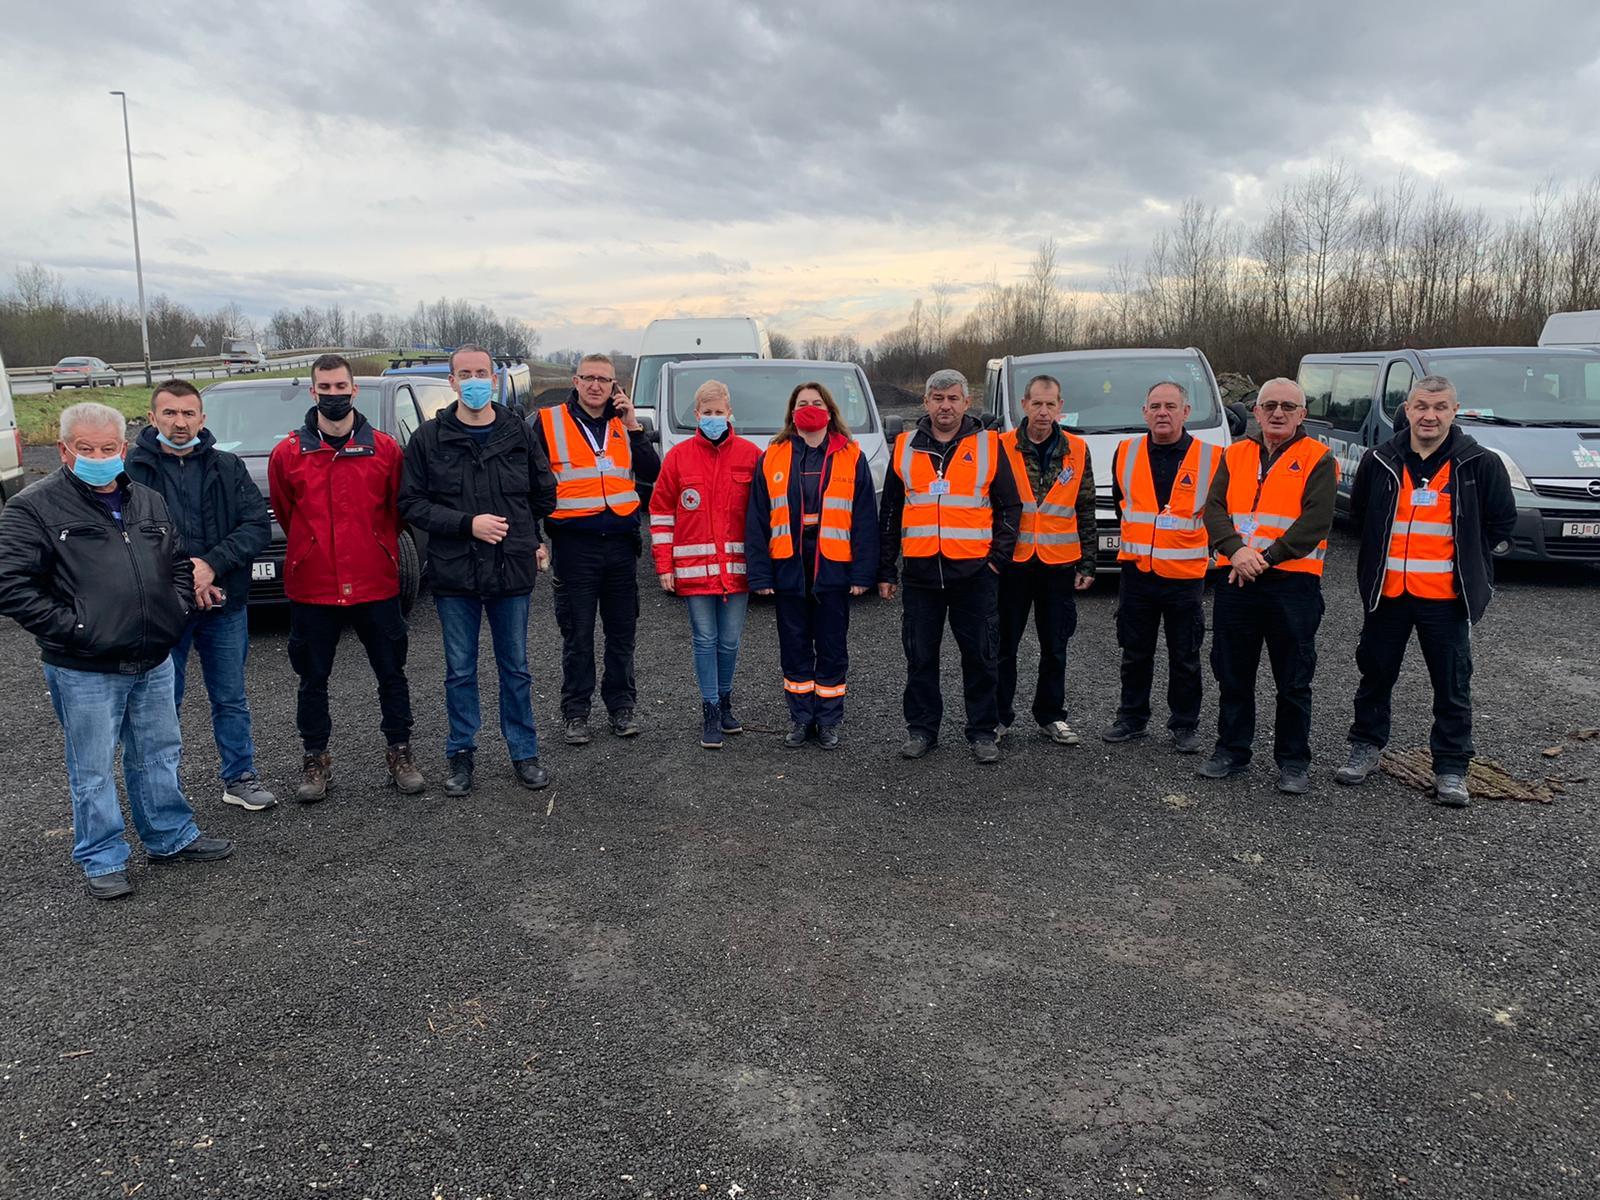 POMOĆ SA SVIH STRANA Stradalima ponuđen smještaj u Bjelovaru, a na putu je i humanitarni konvoj